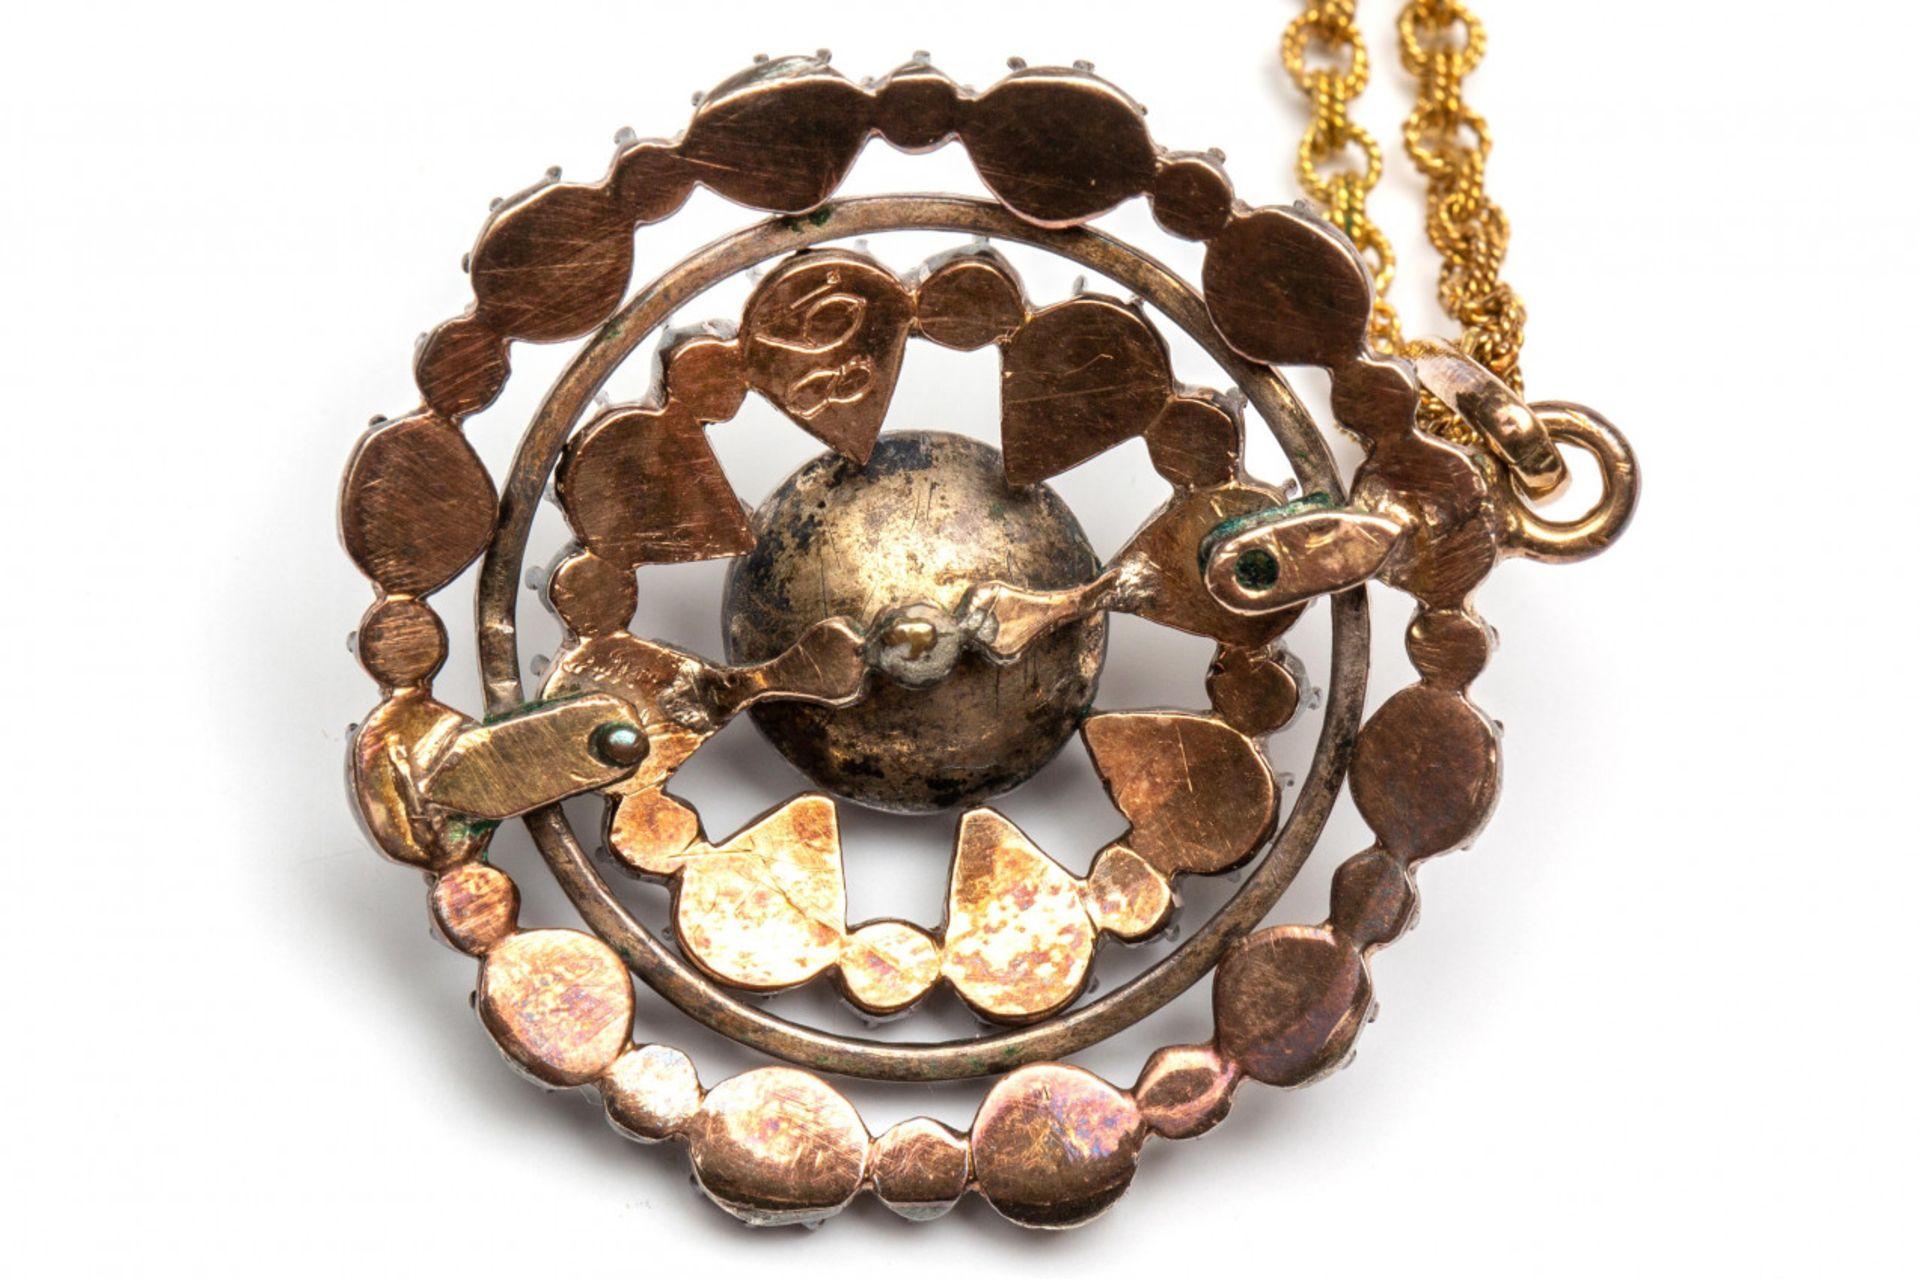 Zilveren ronde hanger aan fijn 14krt. gouden collier, 19e eeuw, - Image 2 of 2